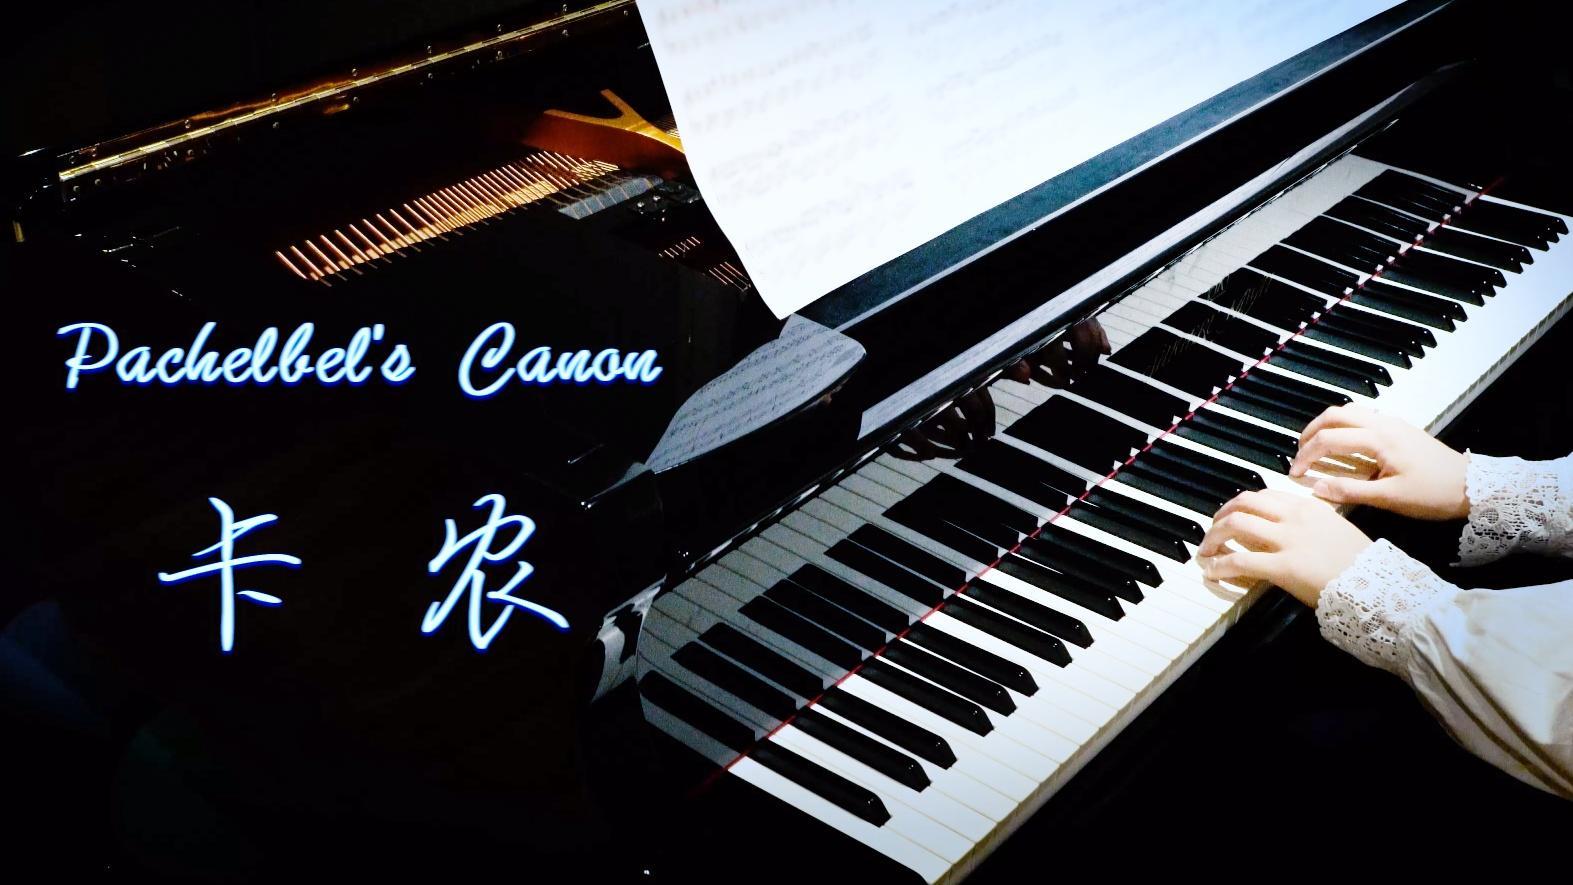 终于弹了《卡农》,好美轻音乐,世界上最治愈的钢琴曲♪